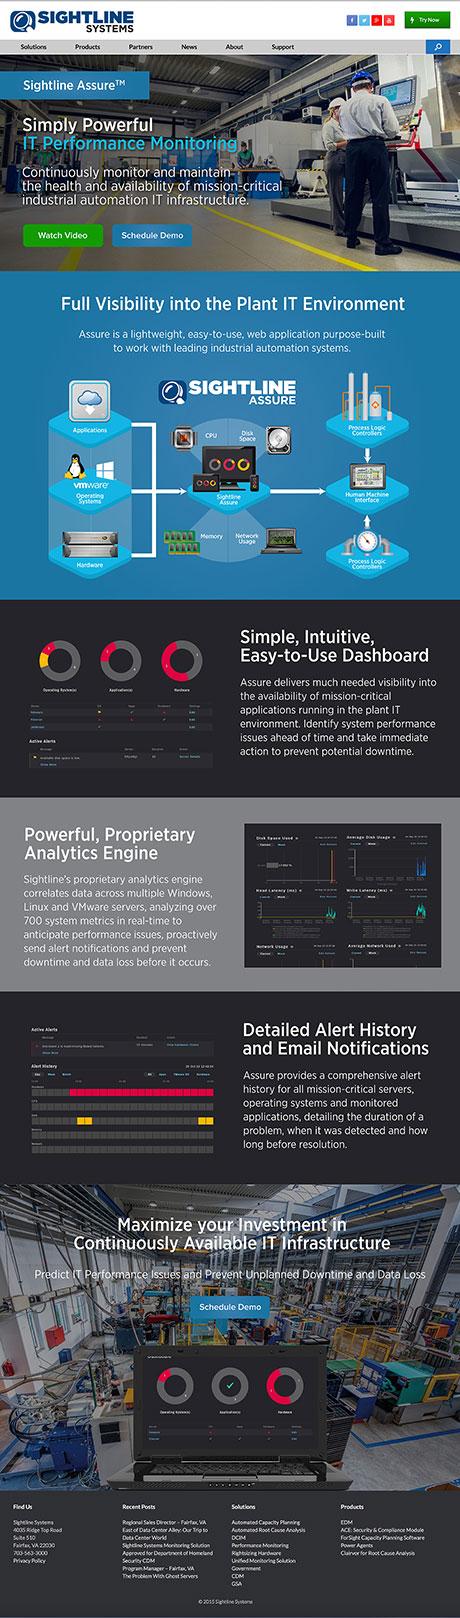 sightline-assure-website-design